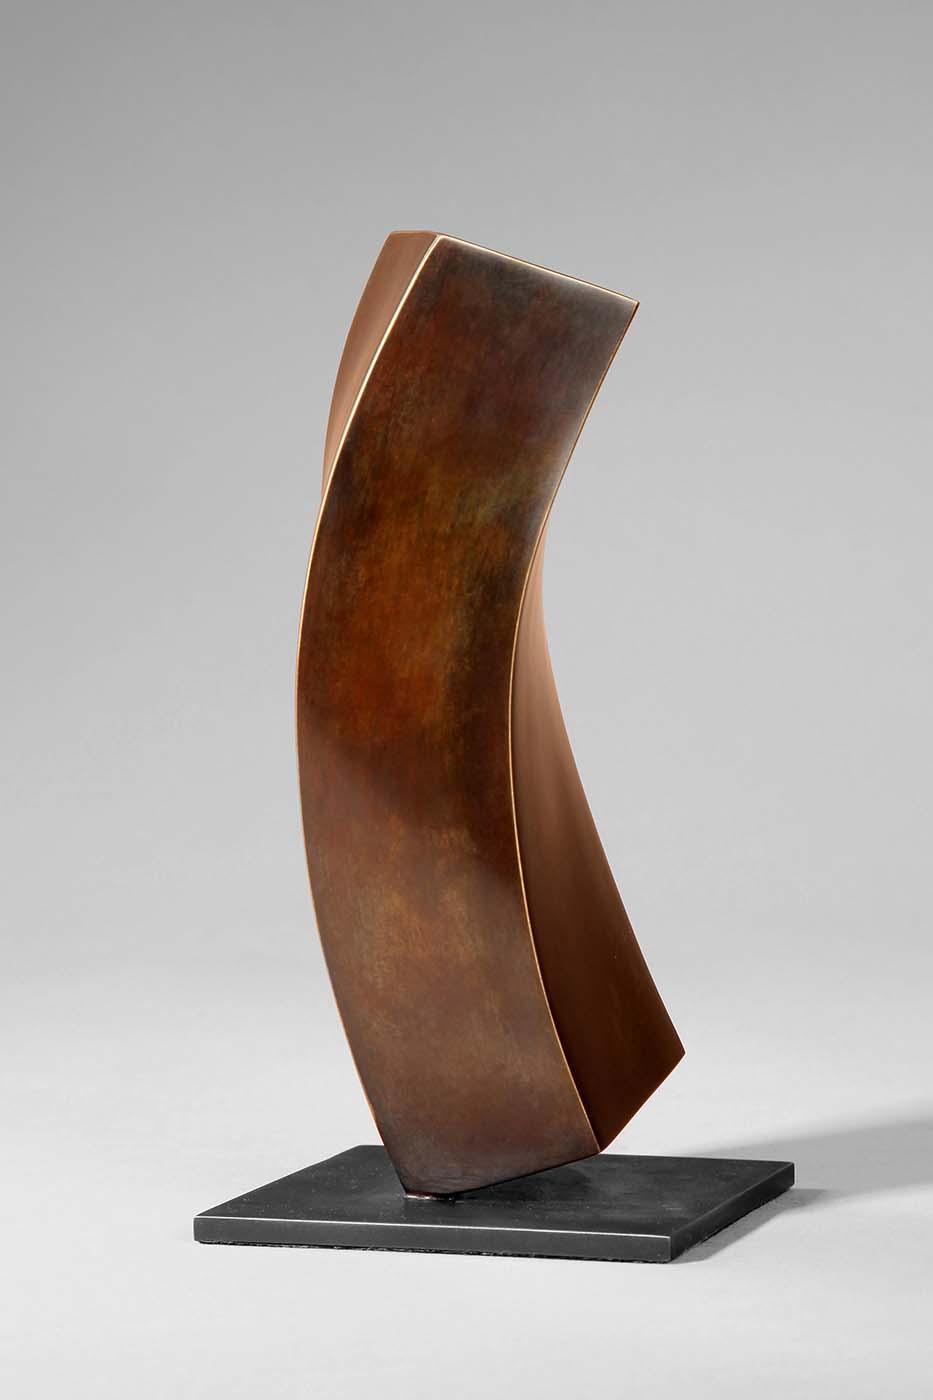 Flüchtiger Gedanke, 2008, Bronze, 6 x 10 x 22 cm (01)